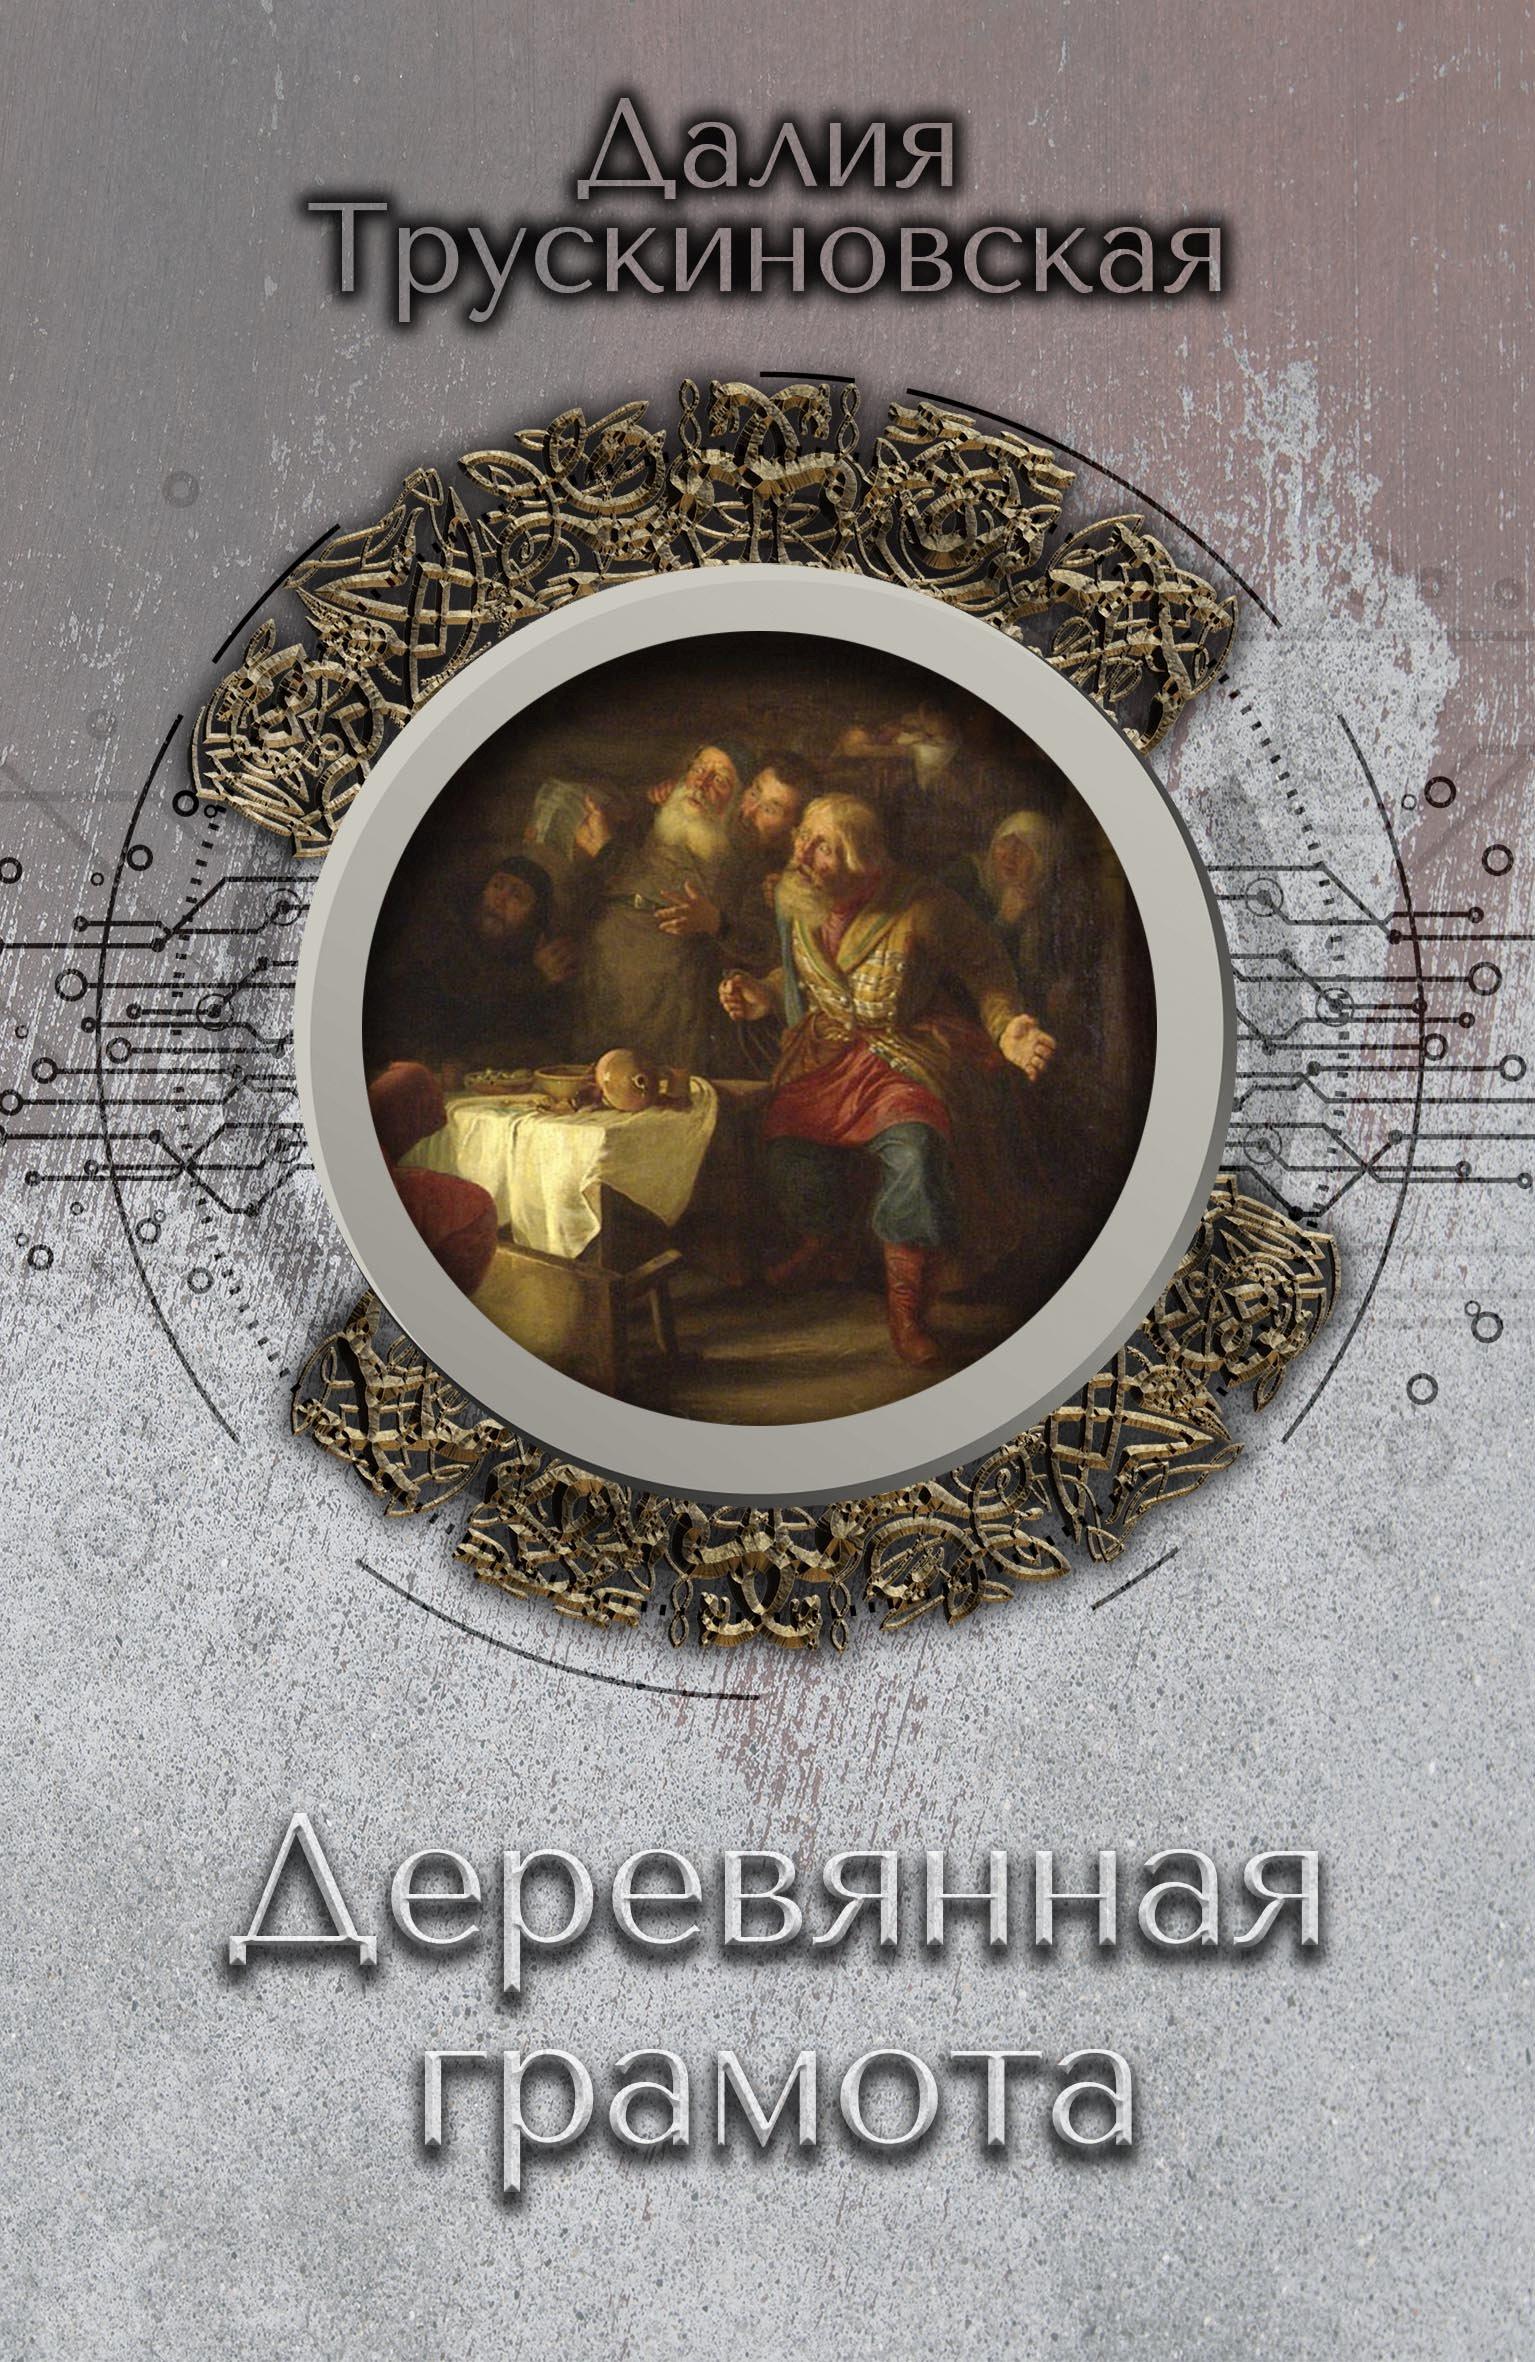 Далия Трускиновская - Деревянная грамота